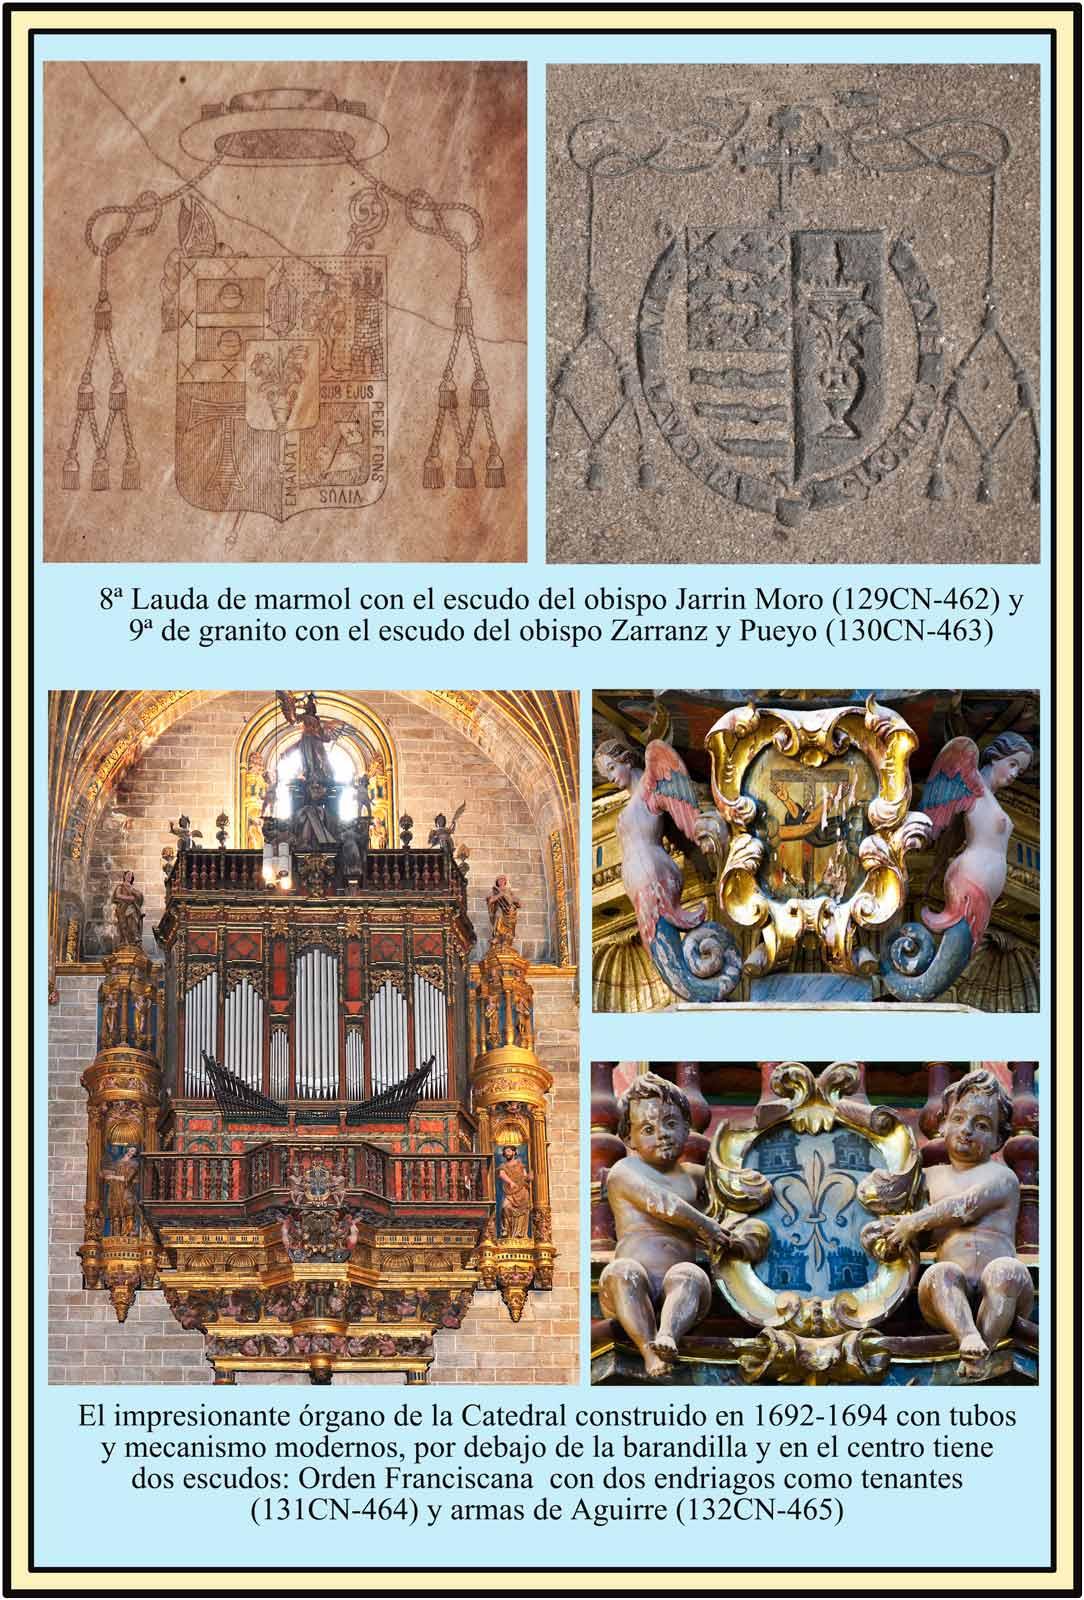 Escudos Jarrin Moro, Zarranz Pueyo y escudos en el Organo de la Catedral Nueva